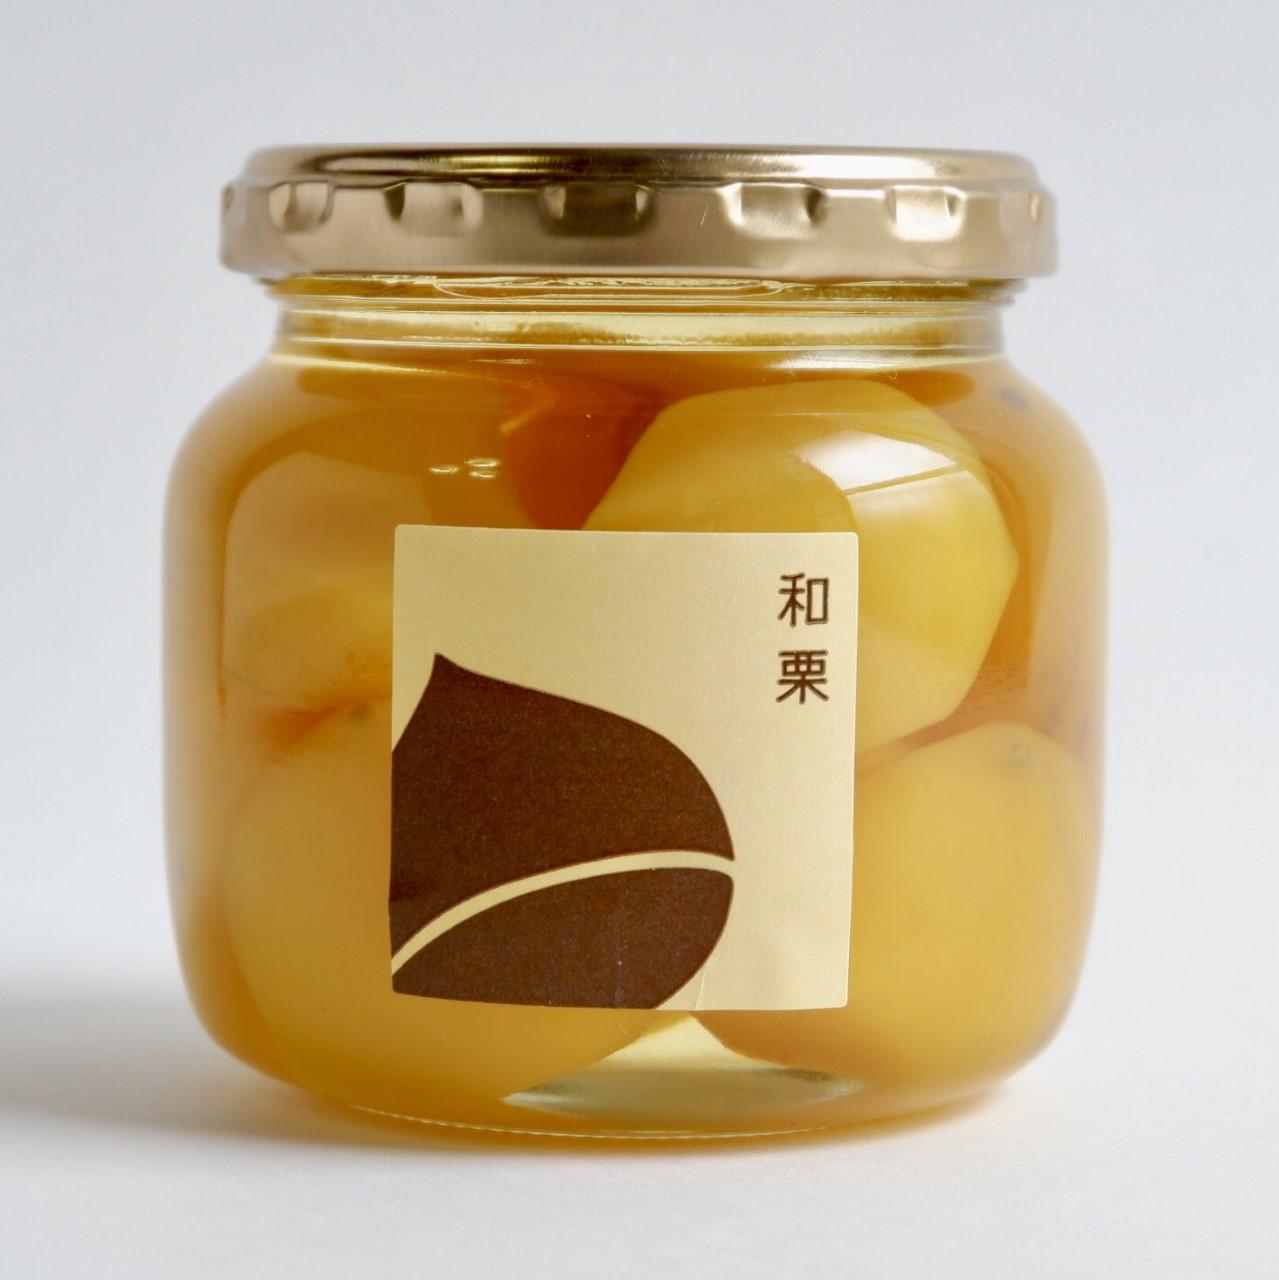 「和栗ミニ(250g)」 国産和栗の甘露煮